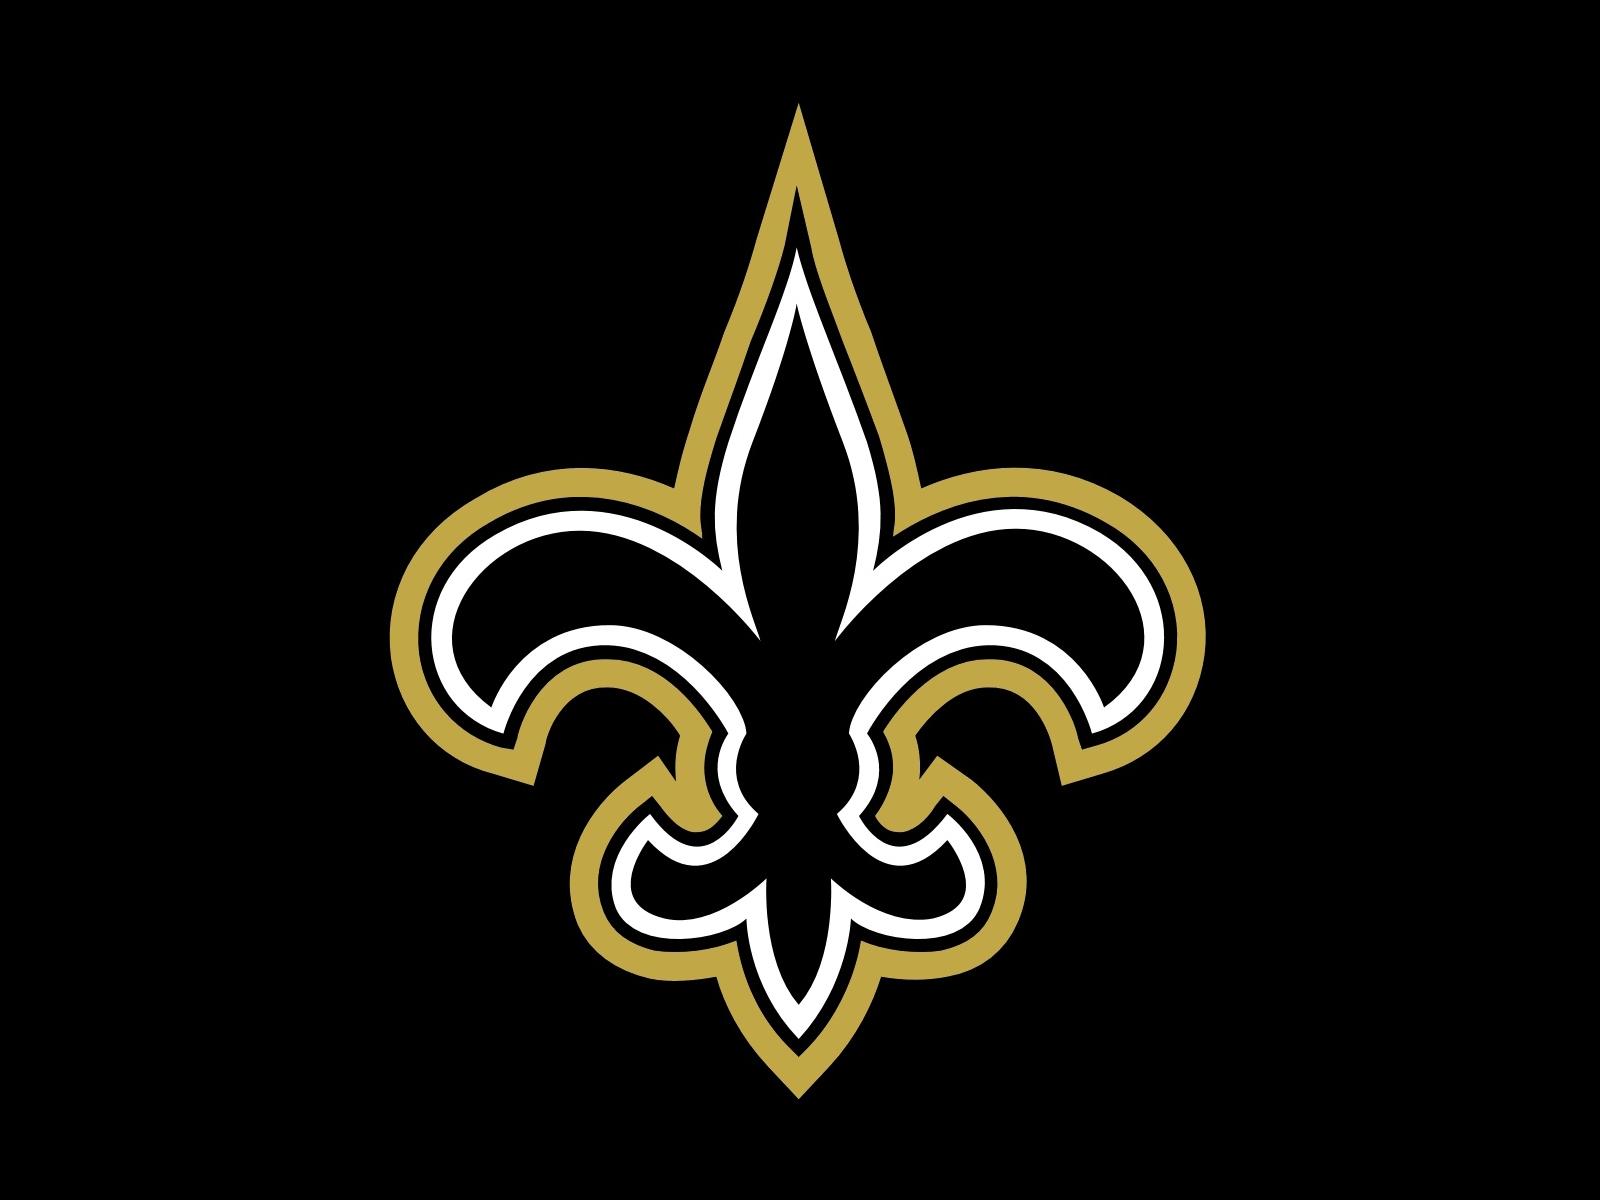 NFL New Orleans Saints Logo 1600x1200 DESKTOP NFL New Orleans Saints 1600x1200